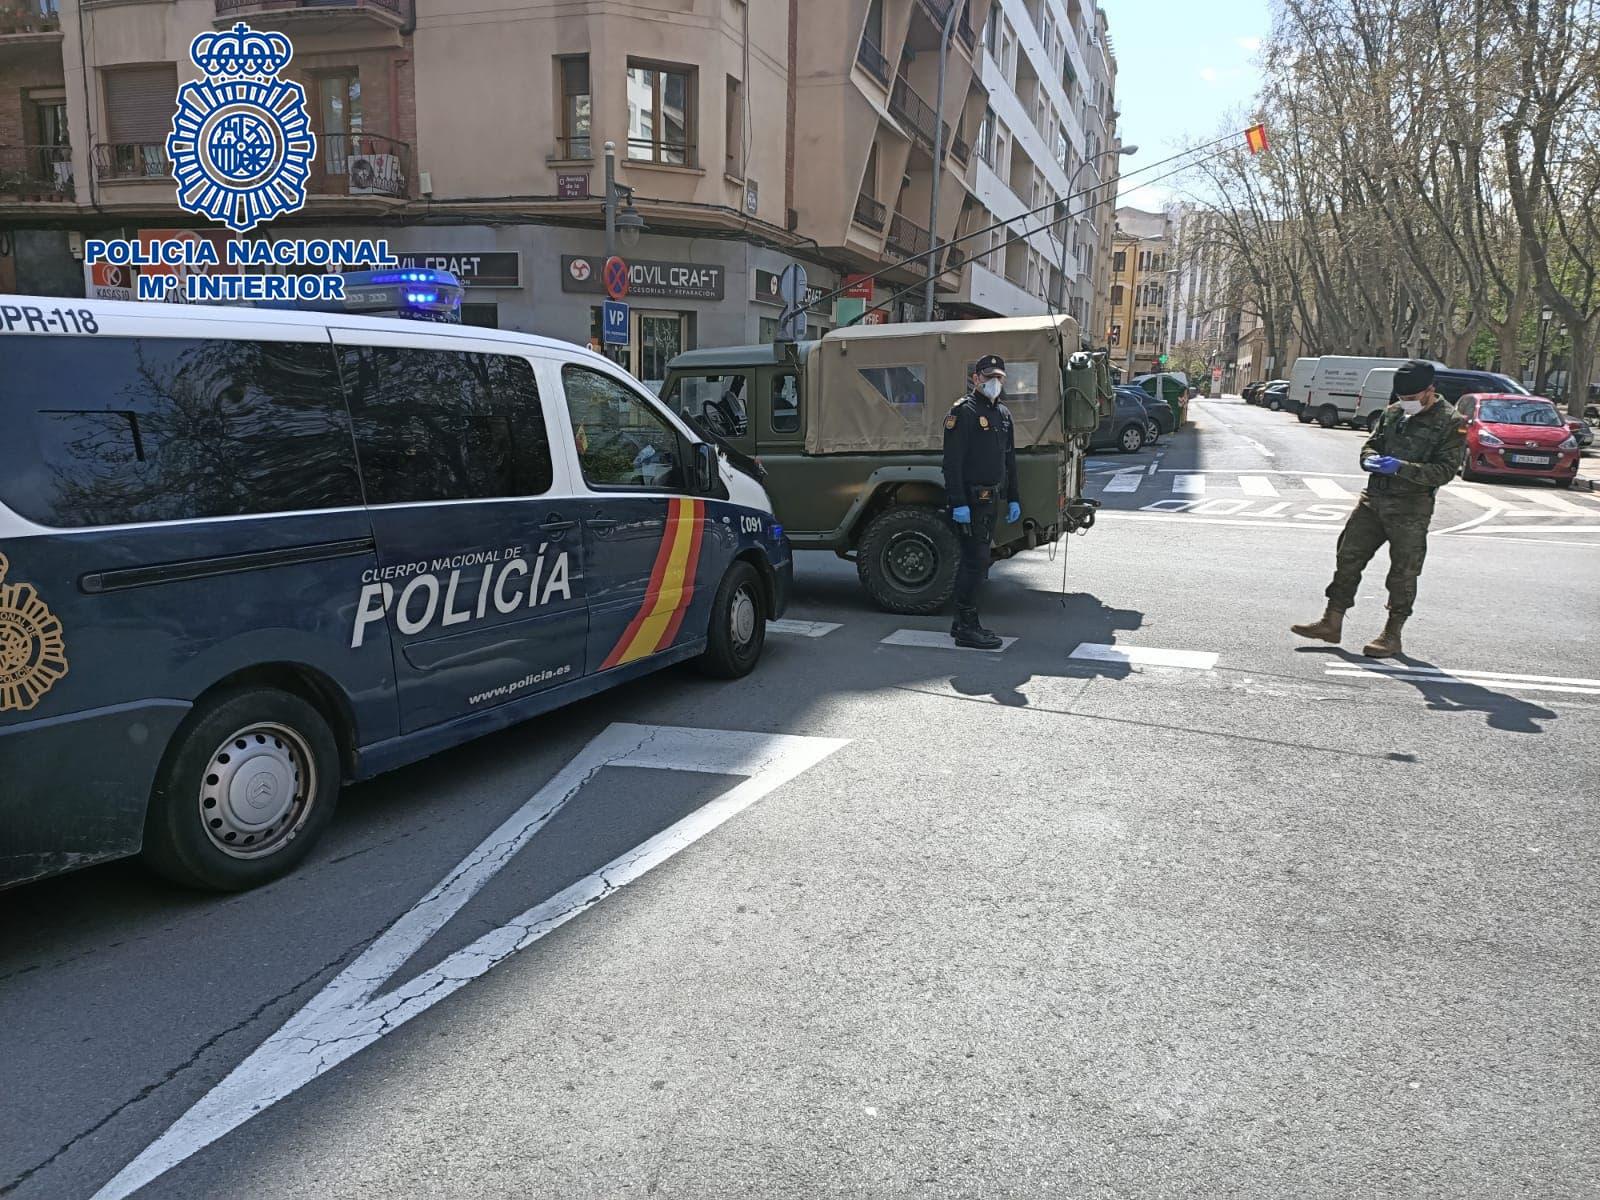 Sancionado un varón en tres ocasiones en menos de 24 horas en Logroño 2